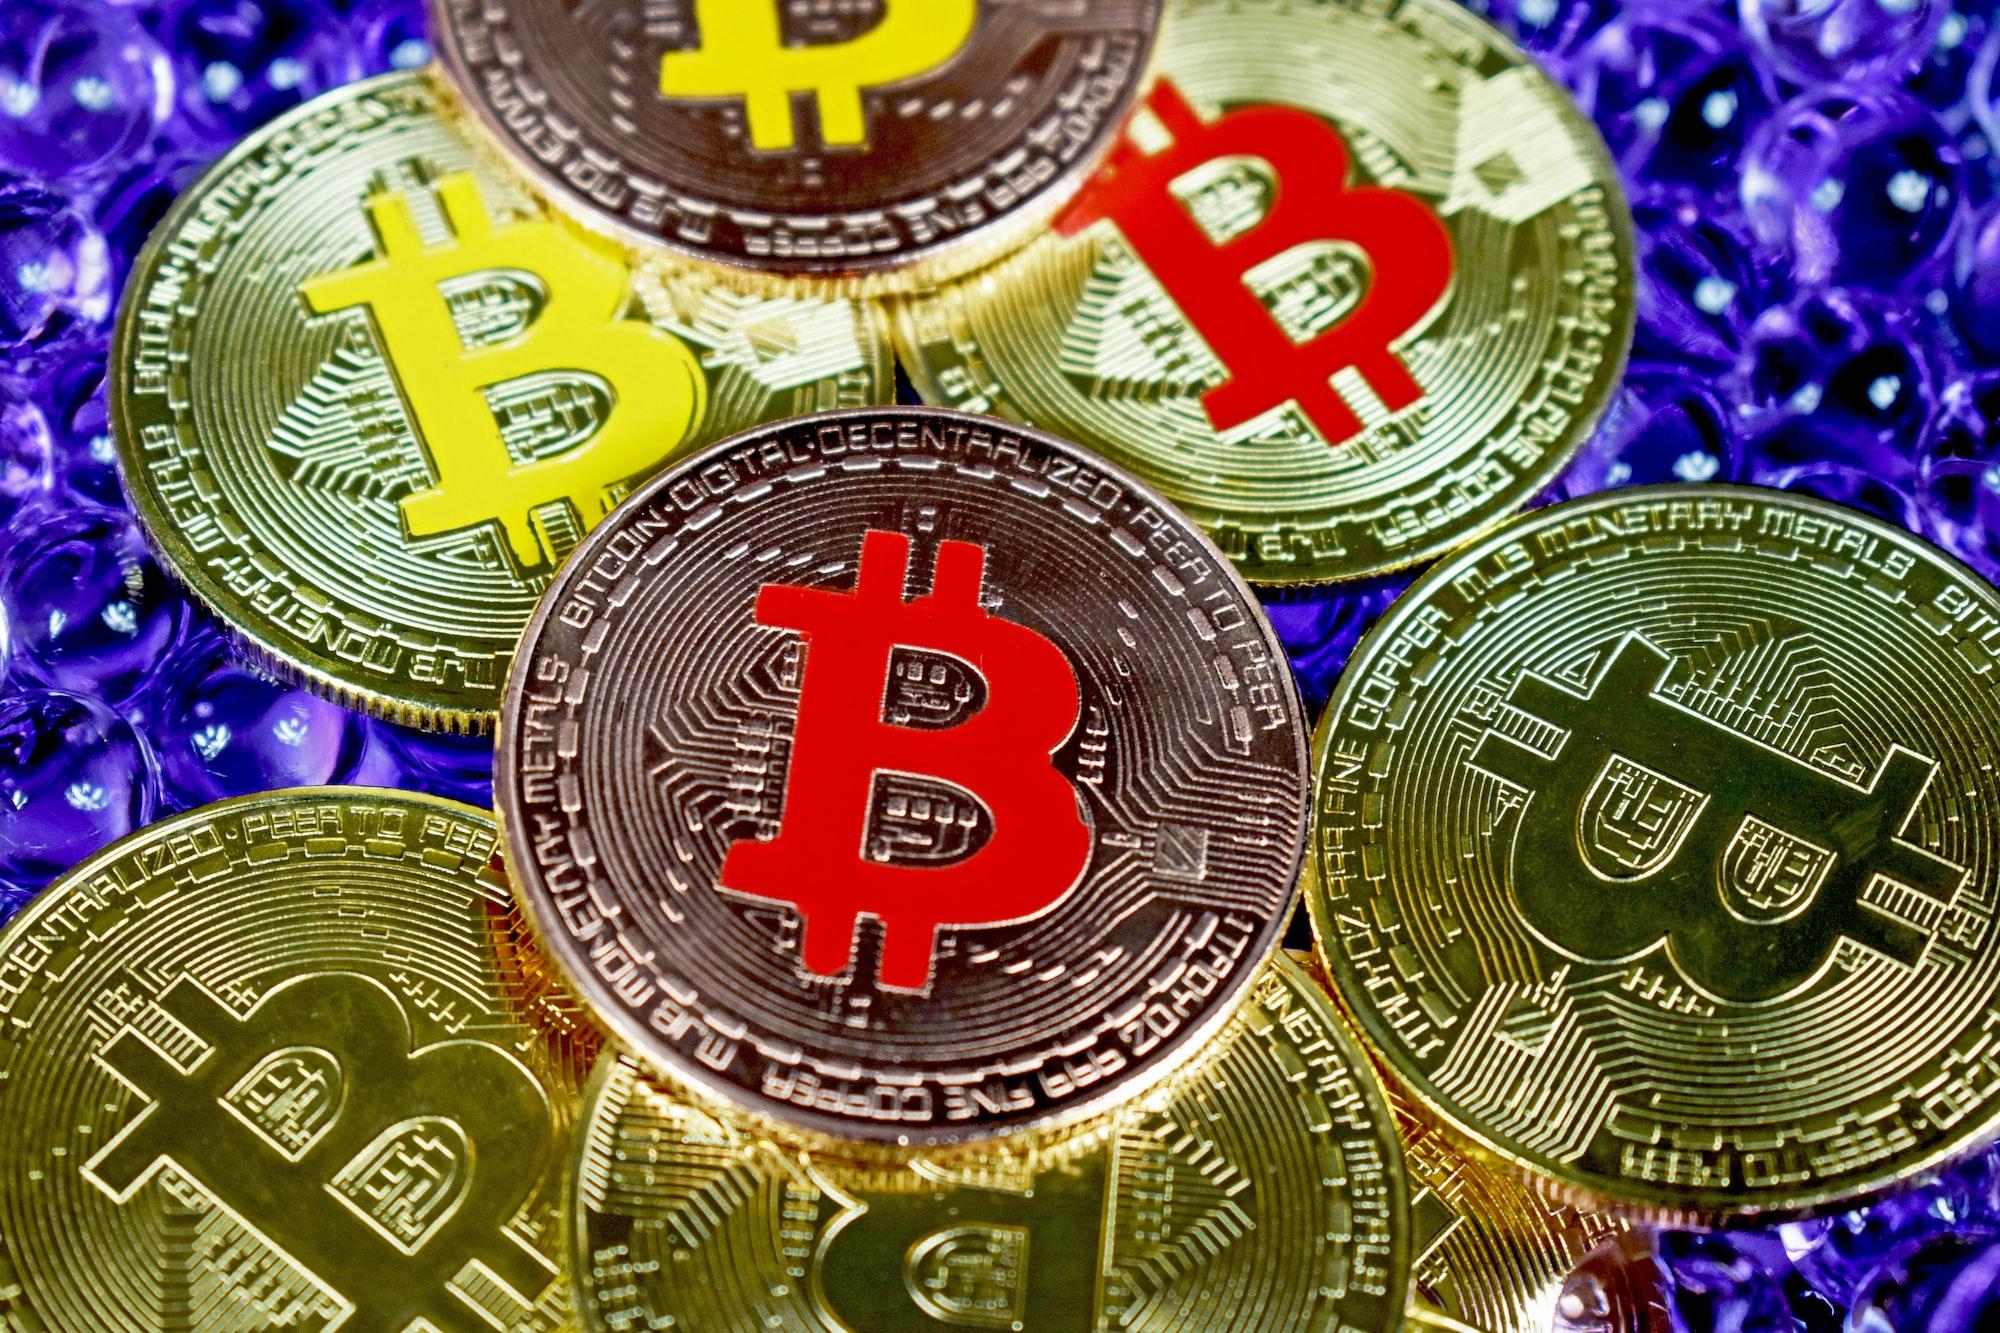 มูลค่าตลาด Bitcoin ใหญ่กว่า Tesla และ Ford รวมกัน